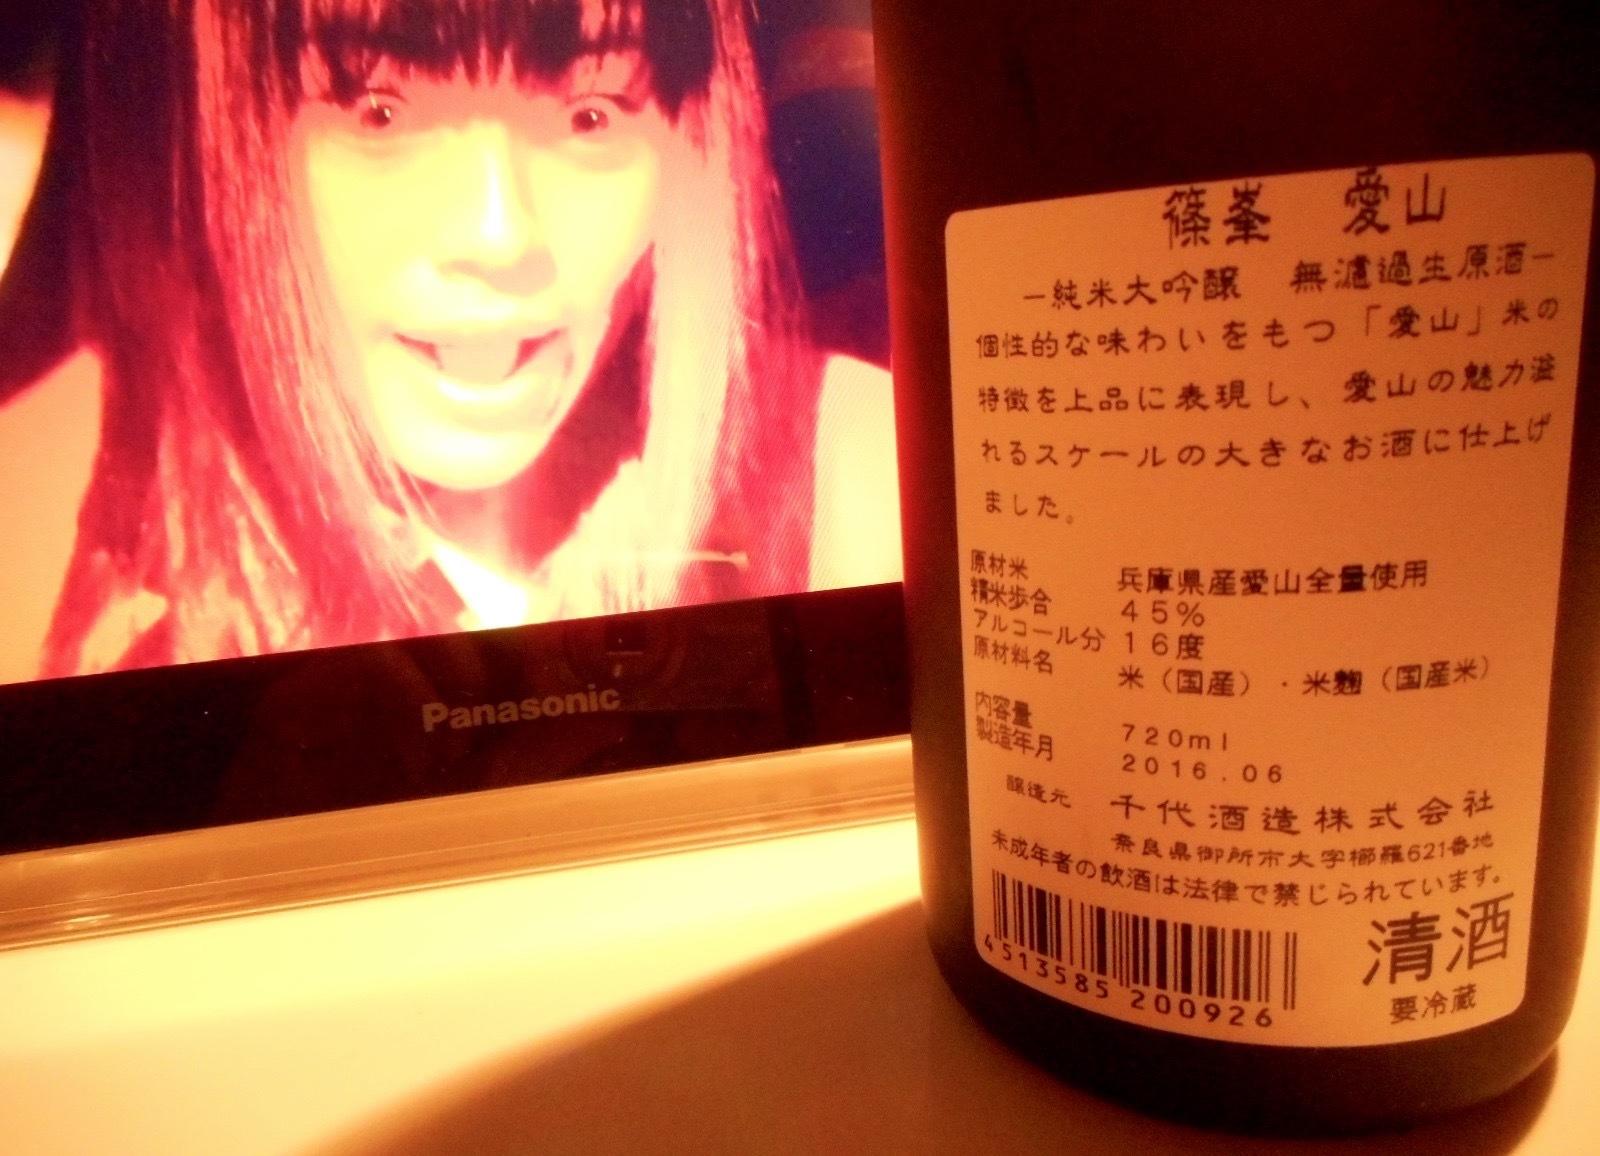 shinomine_aiyama45nama27by3_2.jpg